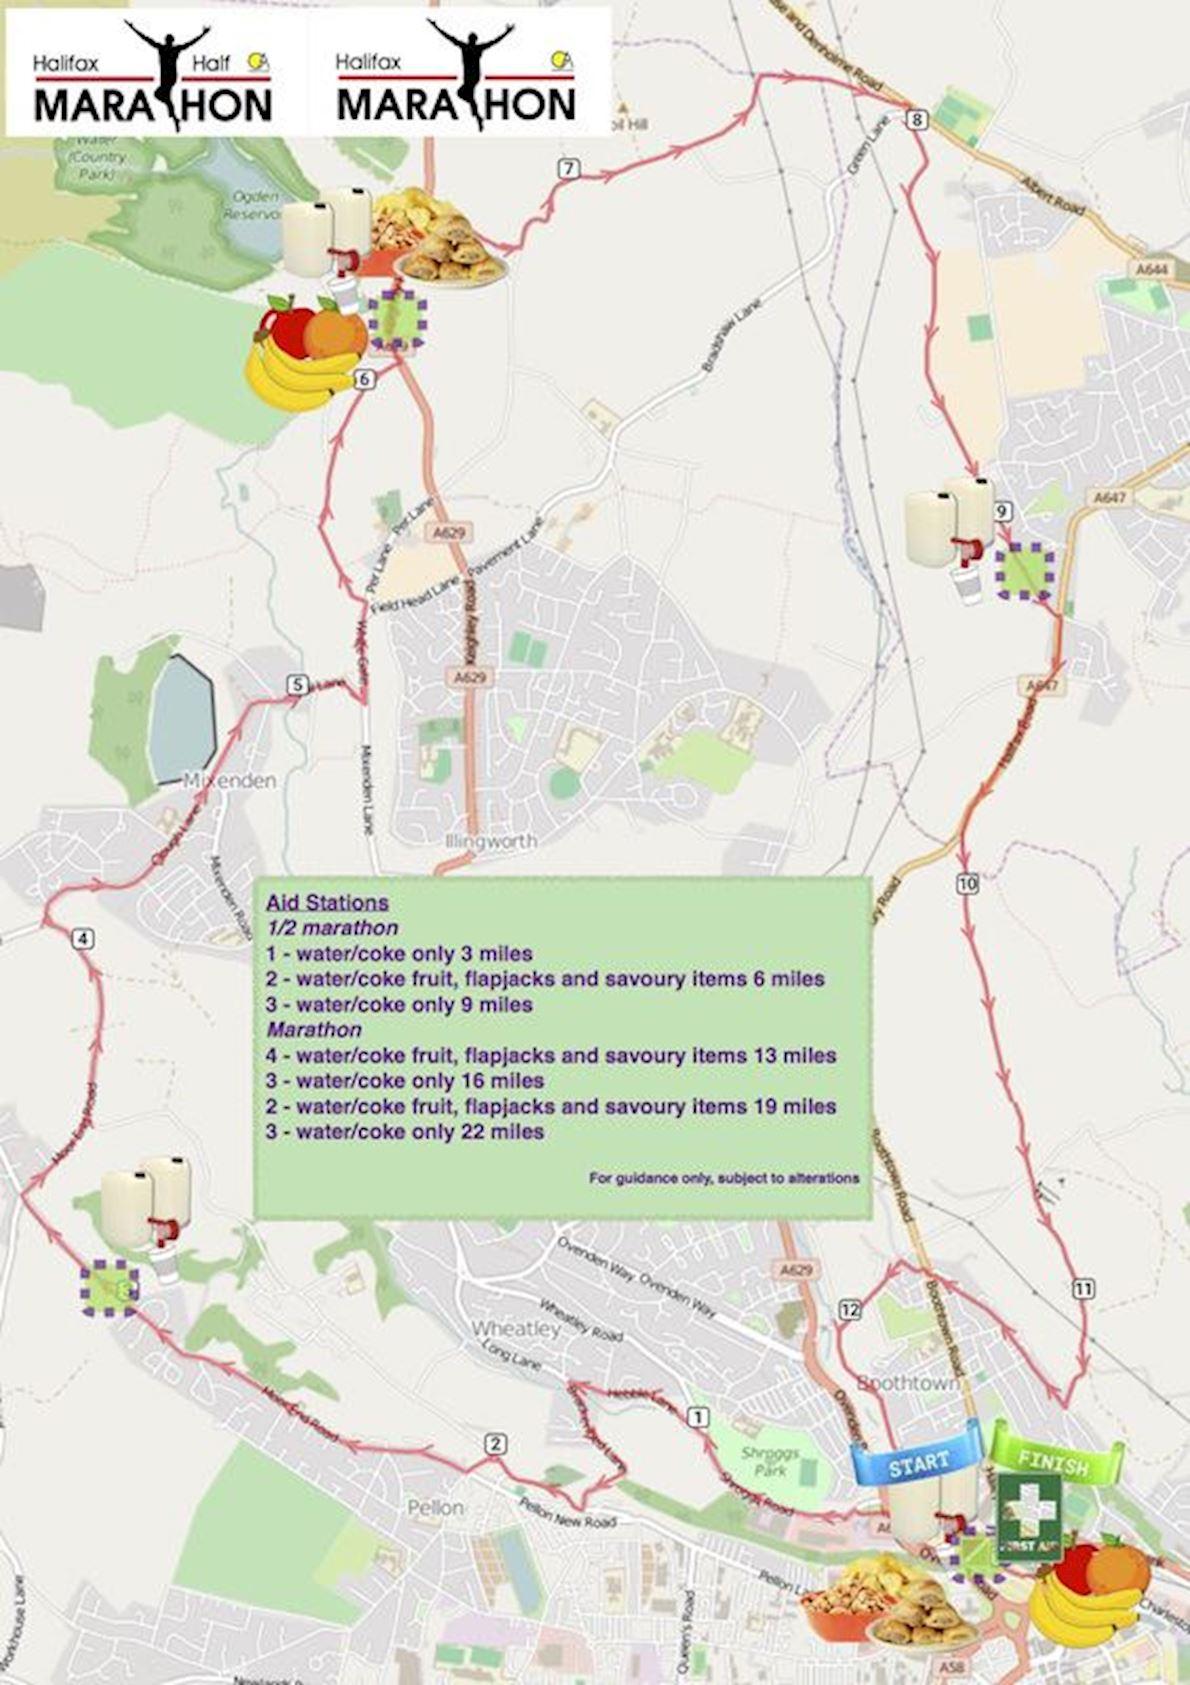 Halifax Marathon & Half Marathon 路线图